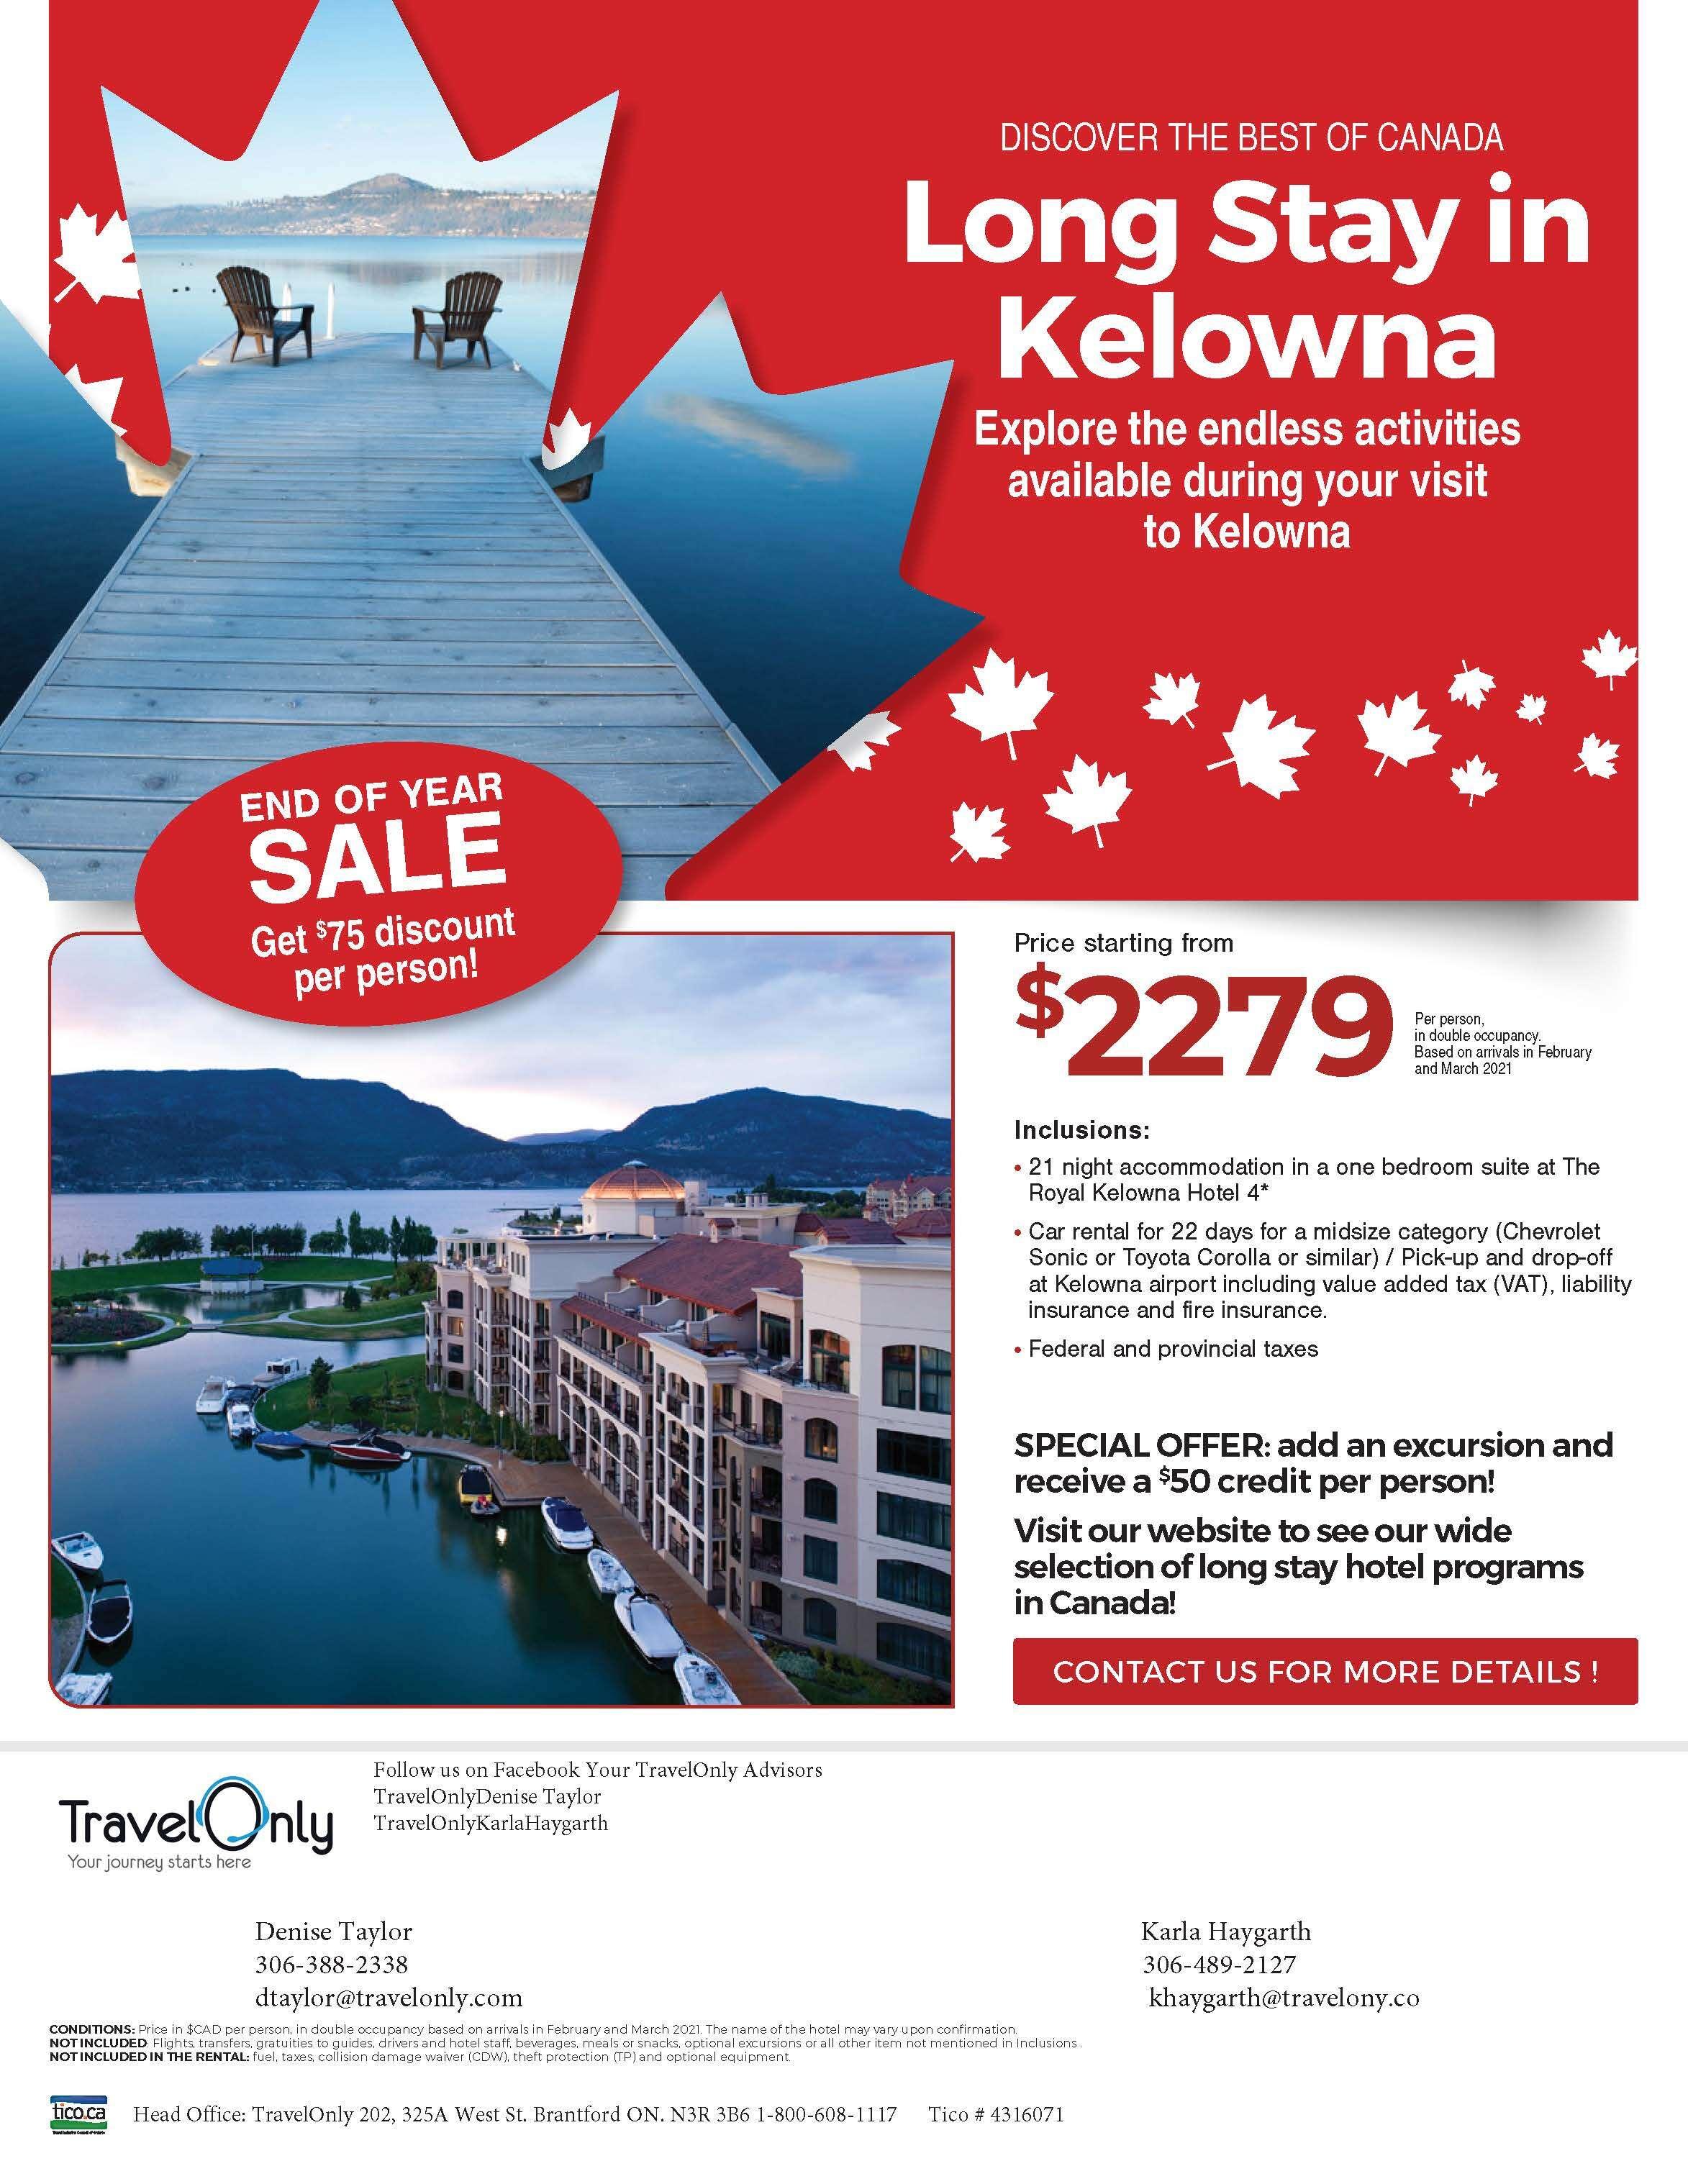 Long Stay In Kelowna